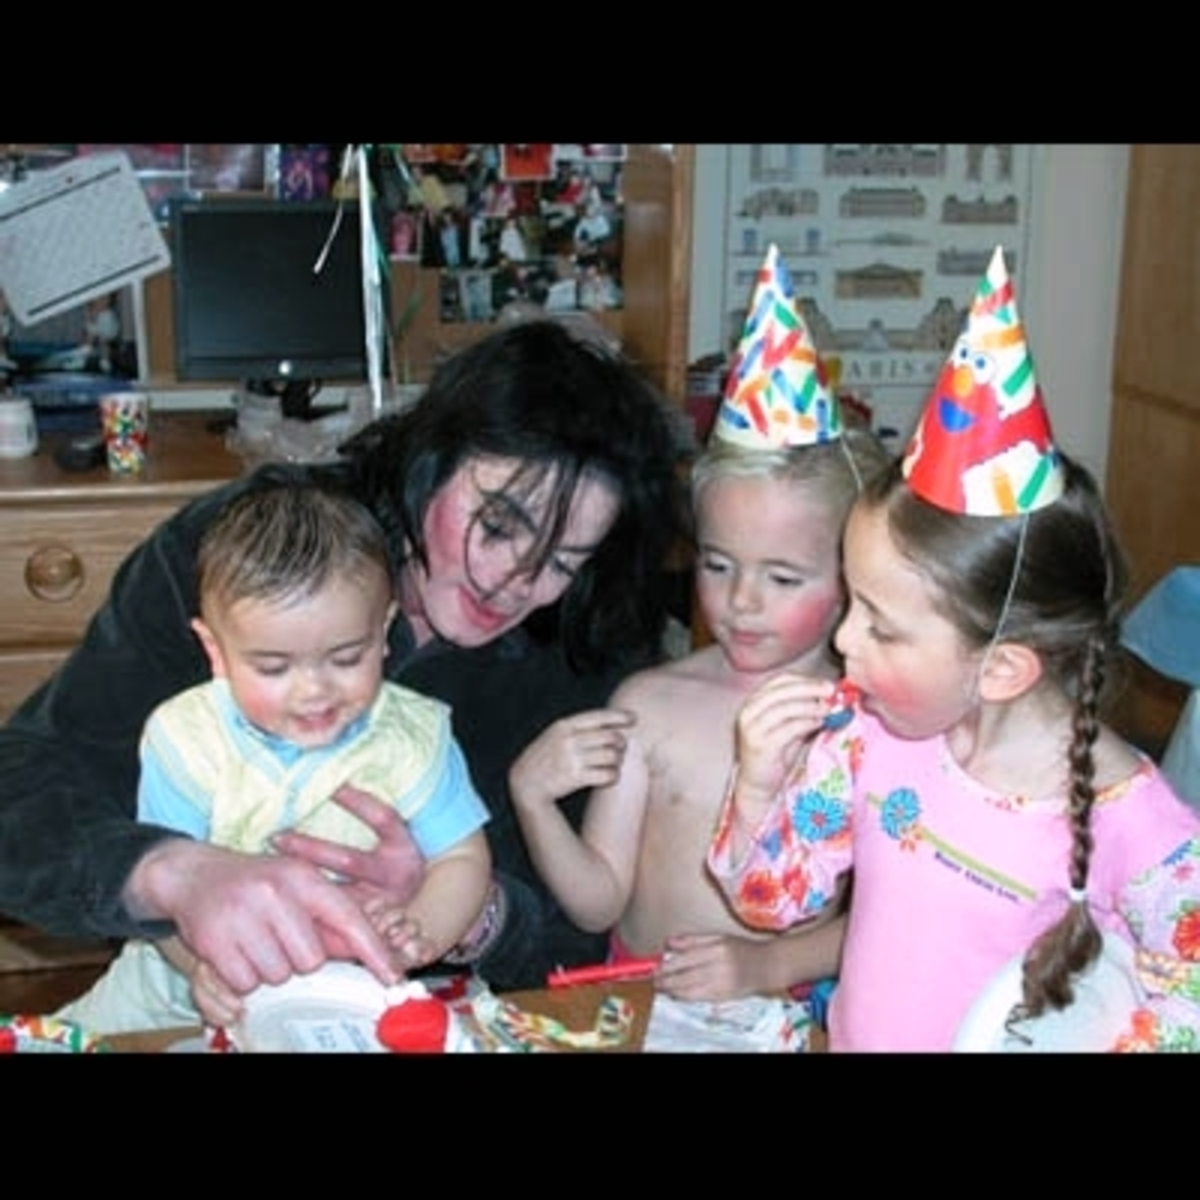 60.000 δολλάρια μηνιαίως για τα παιδιά του Μ.Jackson! | Newsit.gr